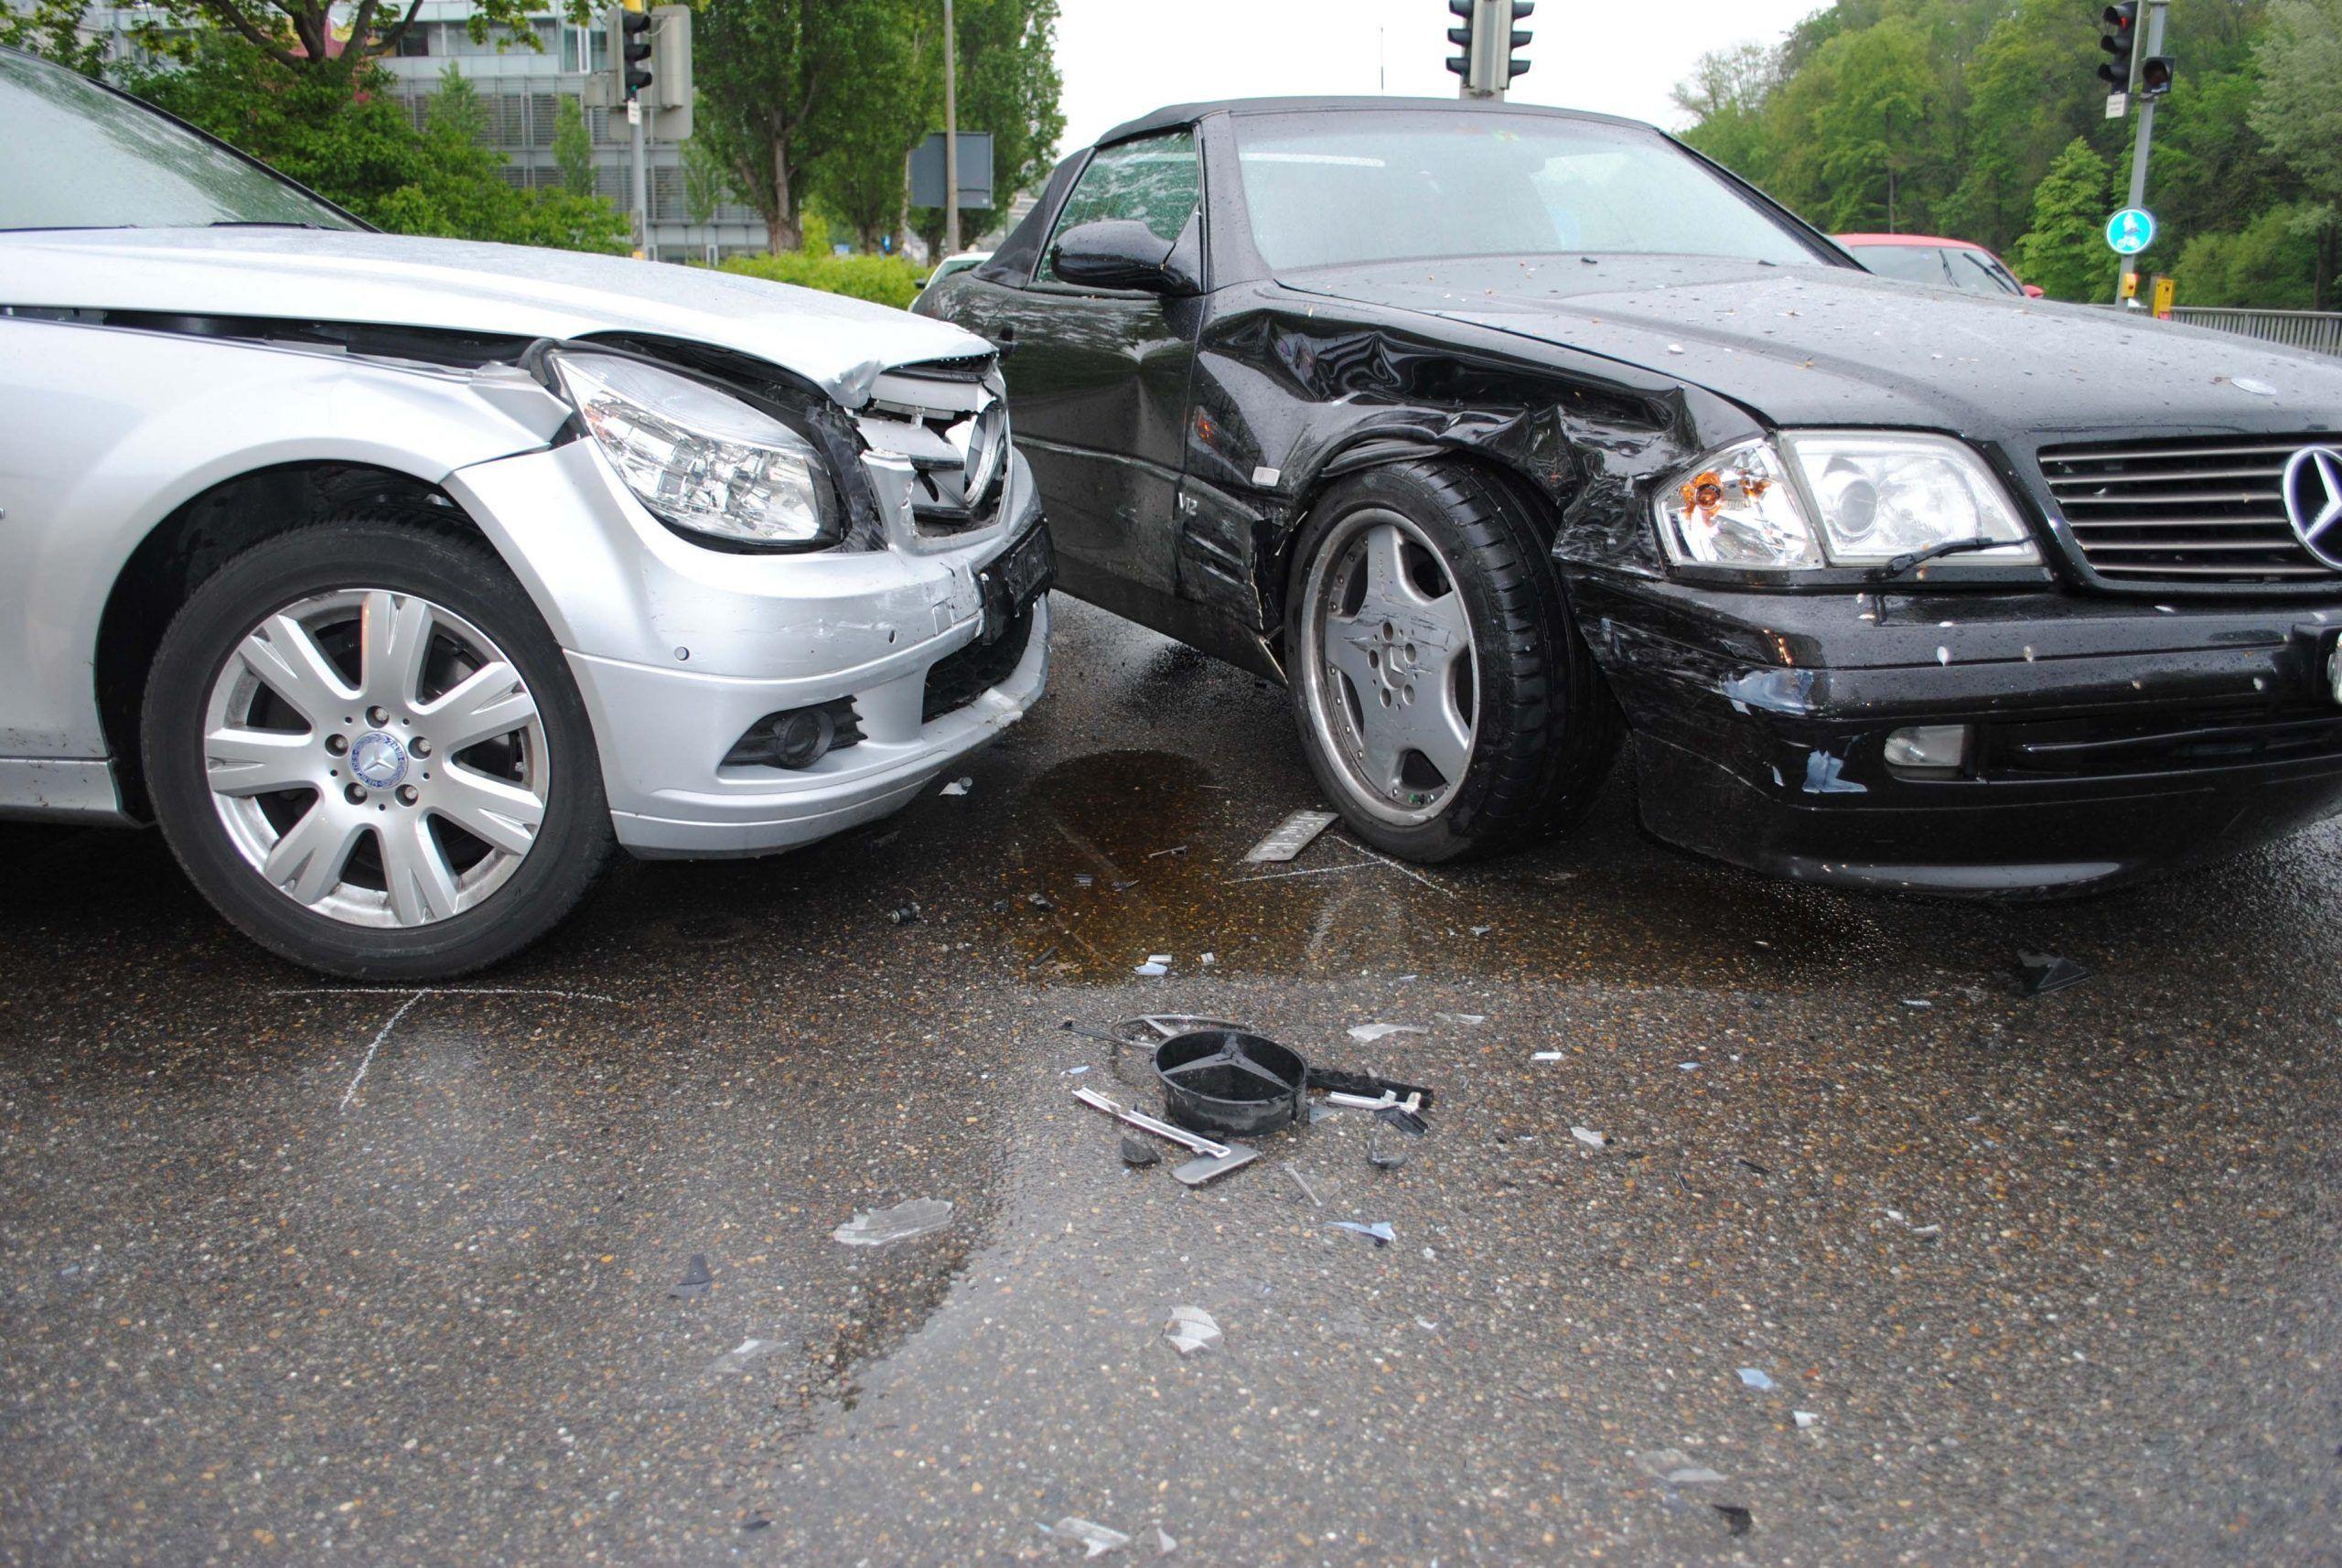 Incidente senza assicurazione auto: cosa si rischia